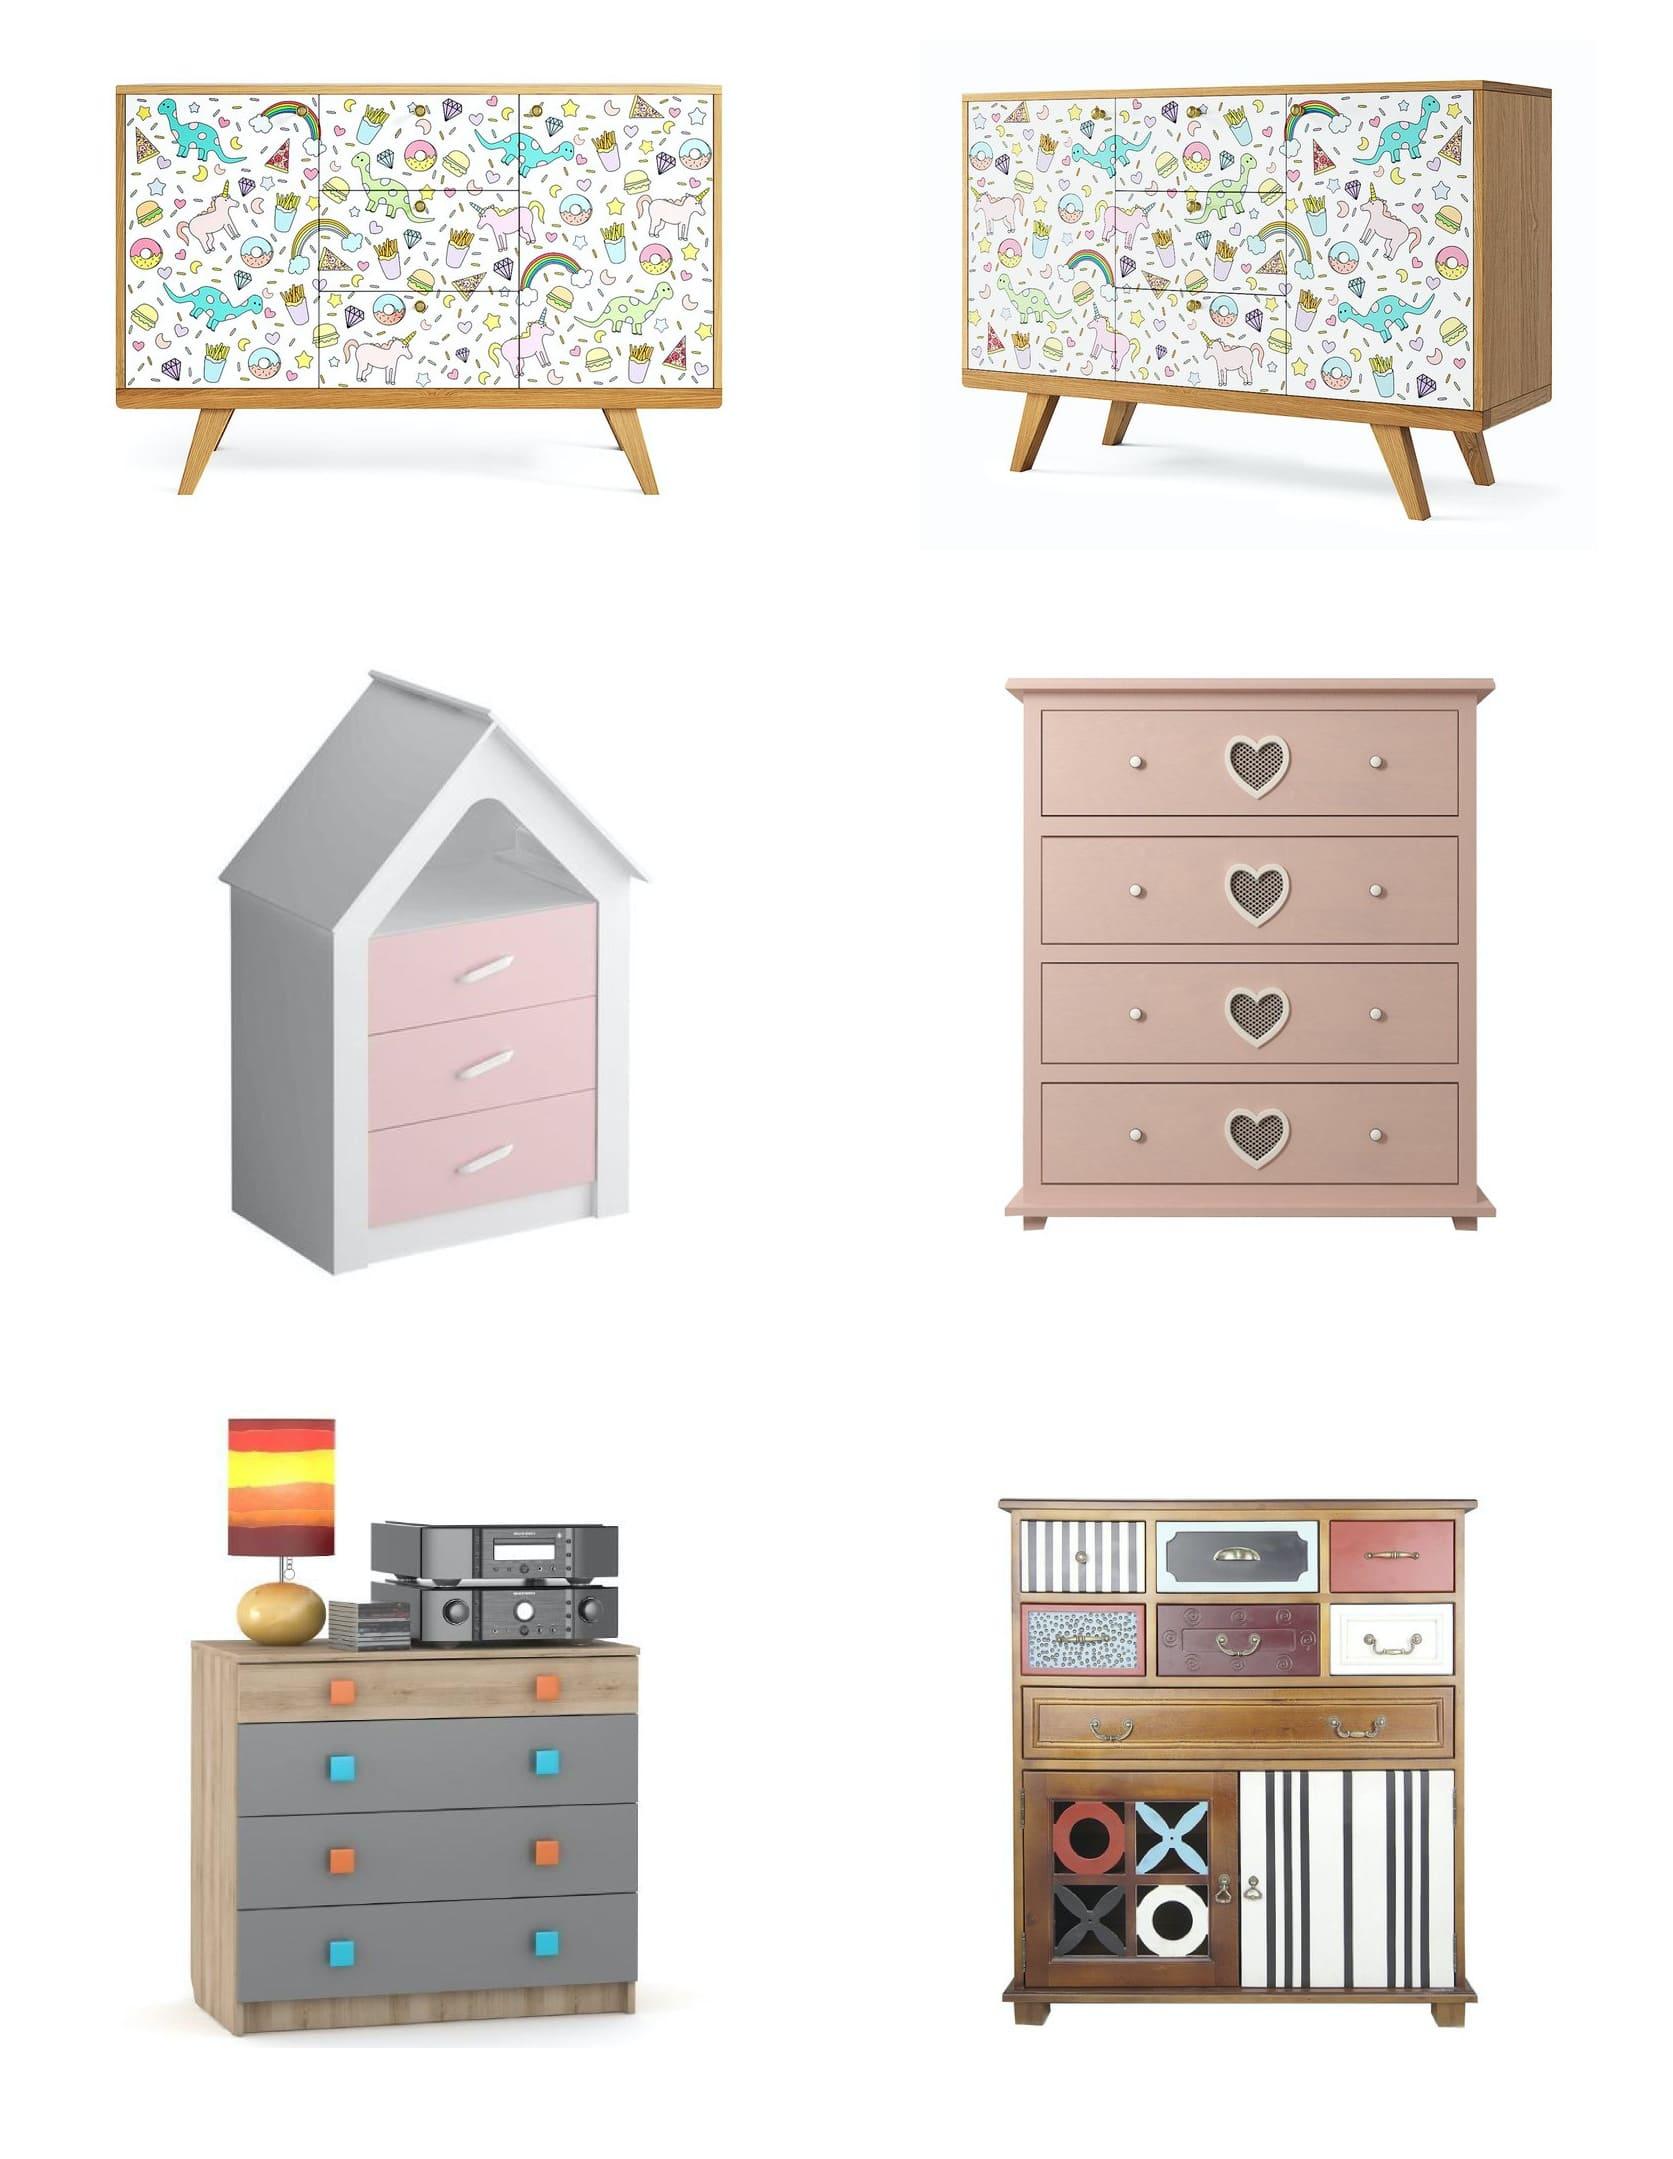 Meubles pour la chambre d'enfant d'une fille photo 1